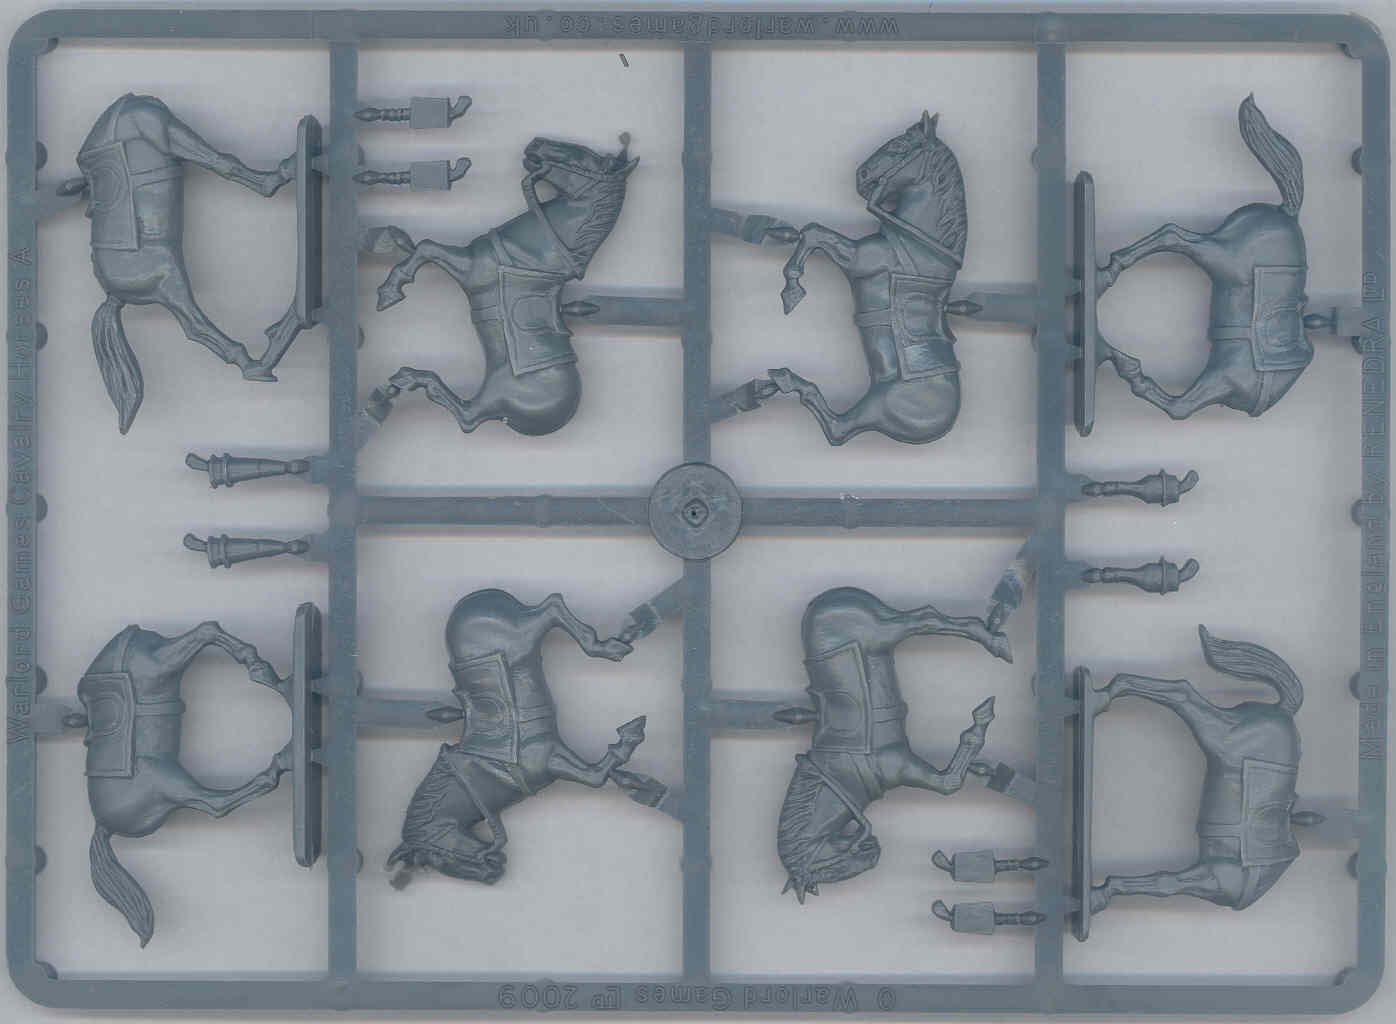 Hátas keret. Nem túl nagy a választék négy ló ugyan de csak kettő póz. A felek szerencsére kompatibilisek egymással valamivel több így a variáció.